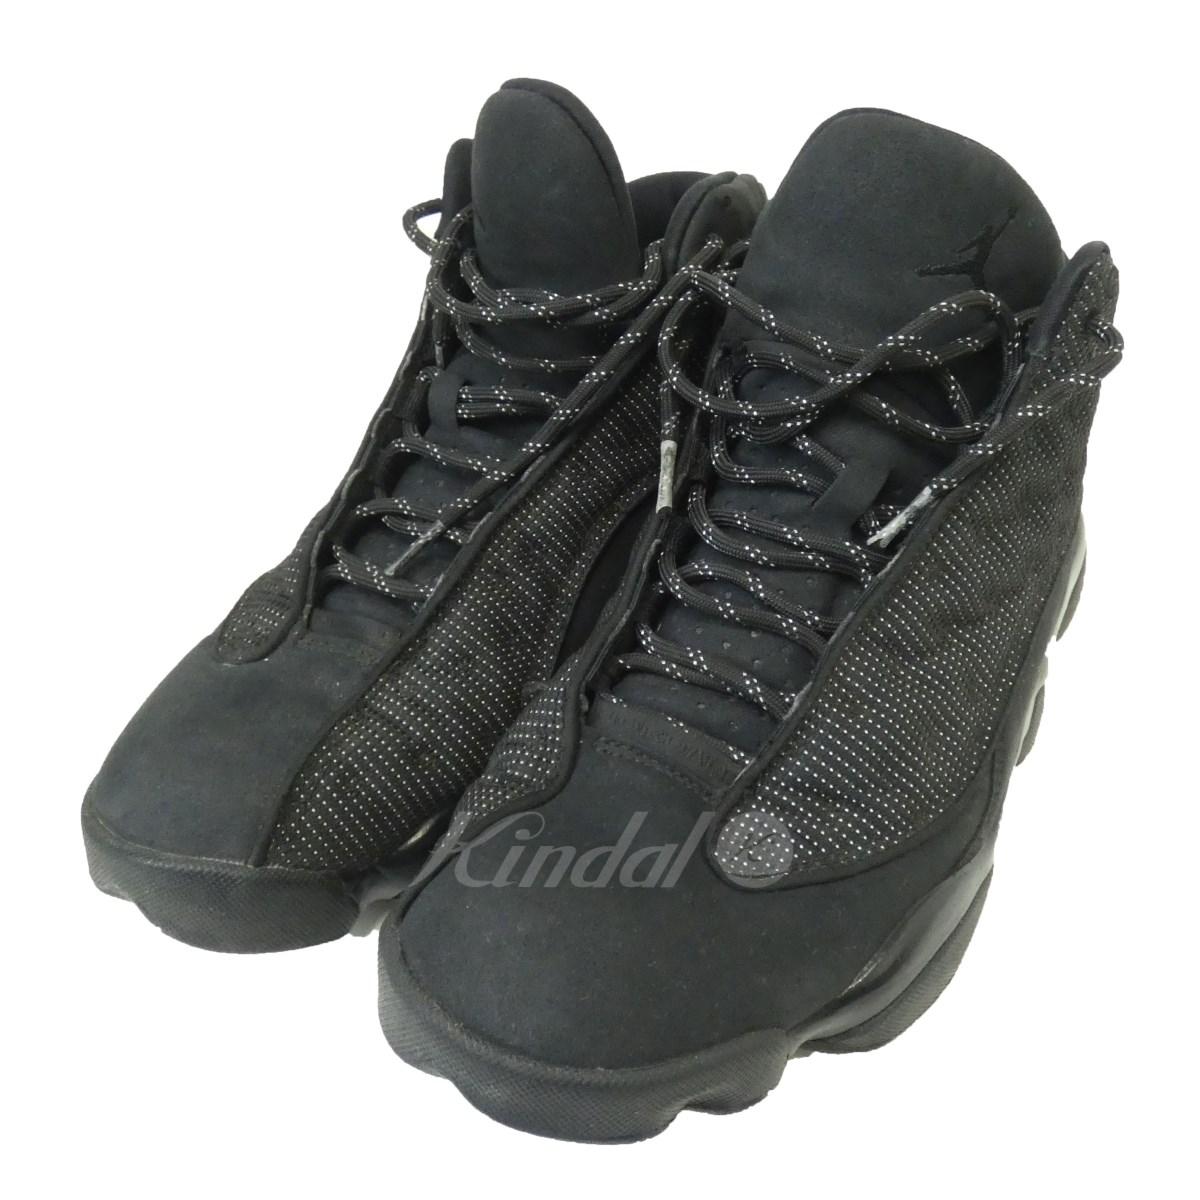 【中古】NIKE 「AIR JORDAN 13 RETRO BLACK CAT」414571-011 スニーカー ブラック サイズ:27.5cm 【送料無料】 【210918】(ナイキ)